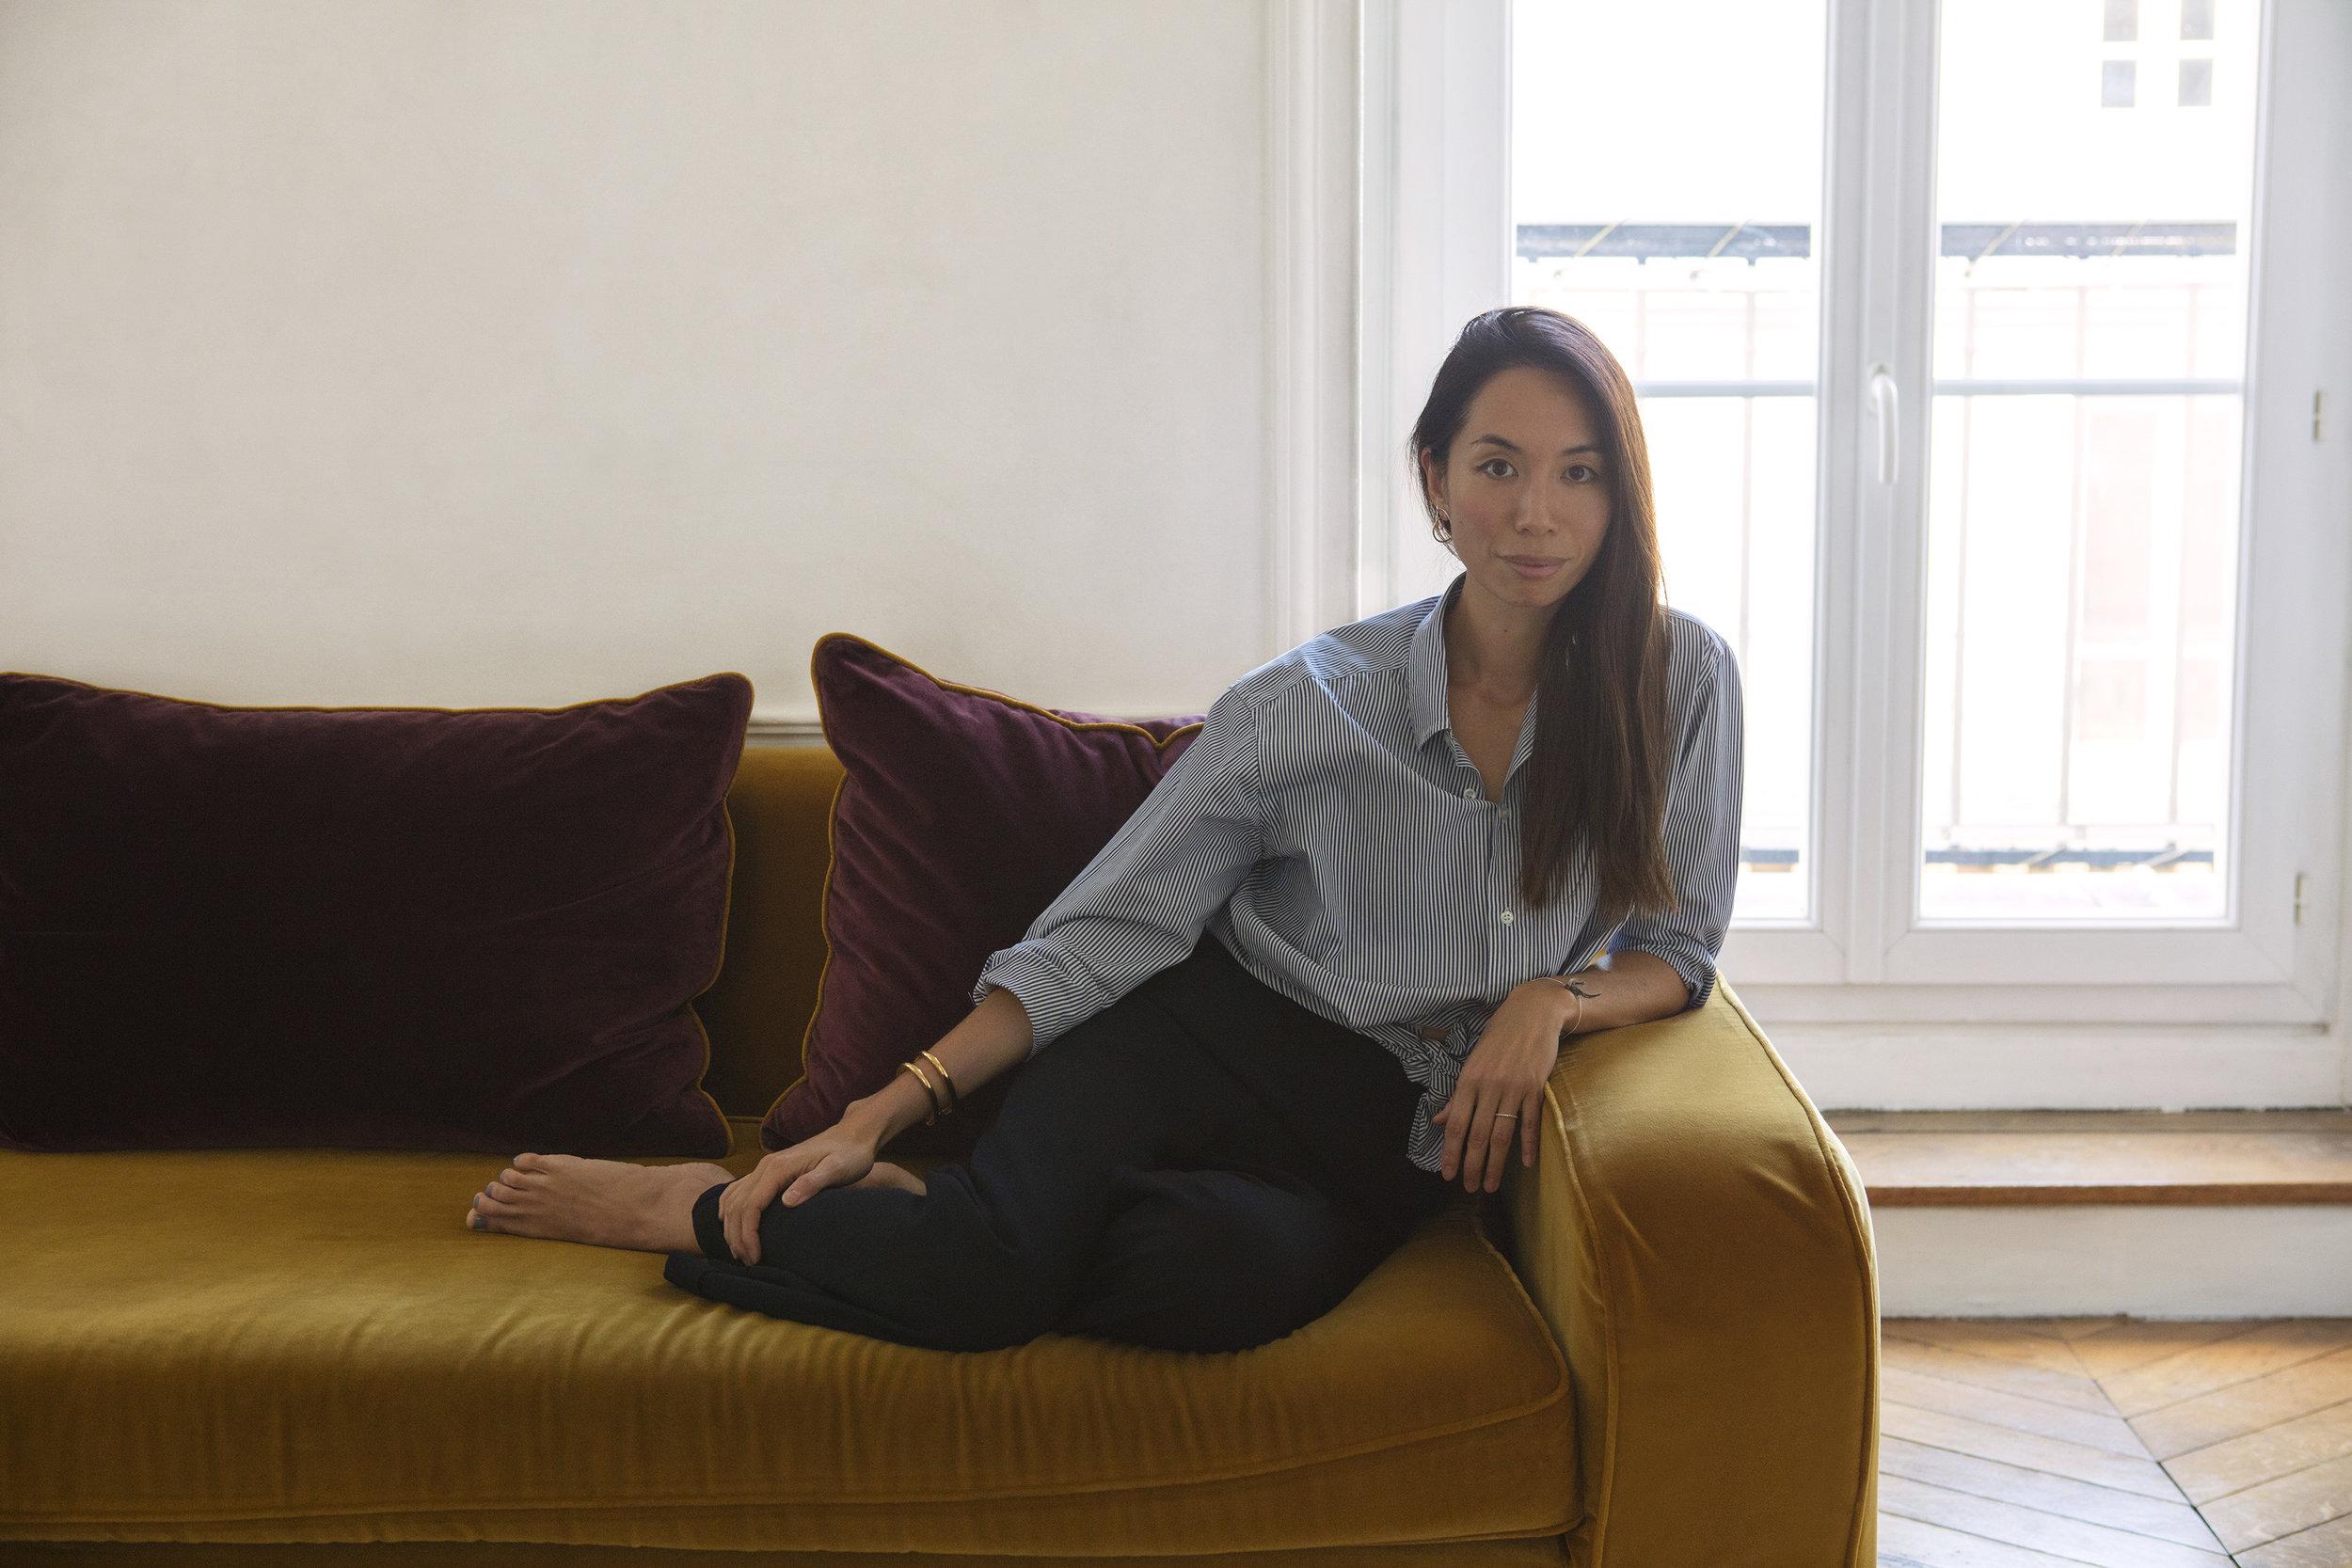 Shirt: Maison Kitsuné. Pants: Margaret Howell. Bracelet: Chloé. Earrings: Charlotte Chesnais.  All images by  Corinne Stoll .